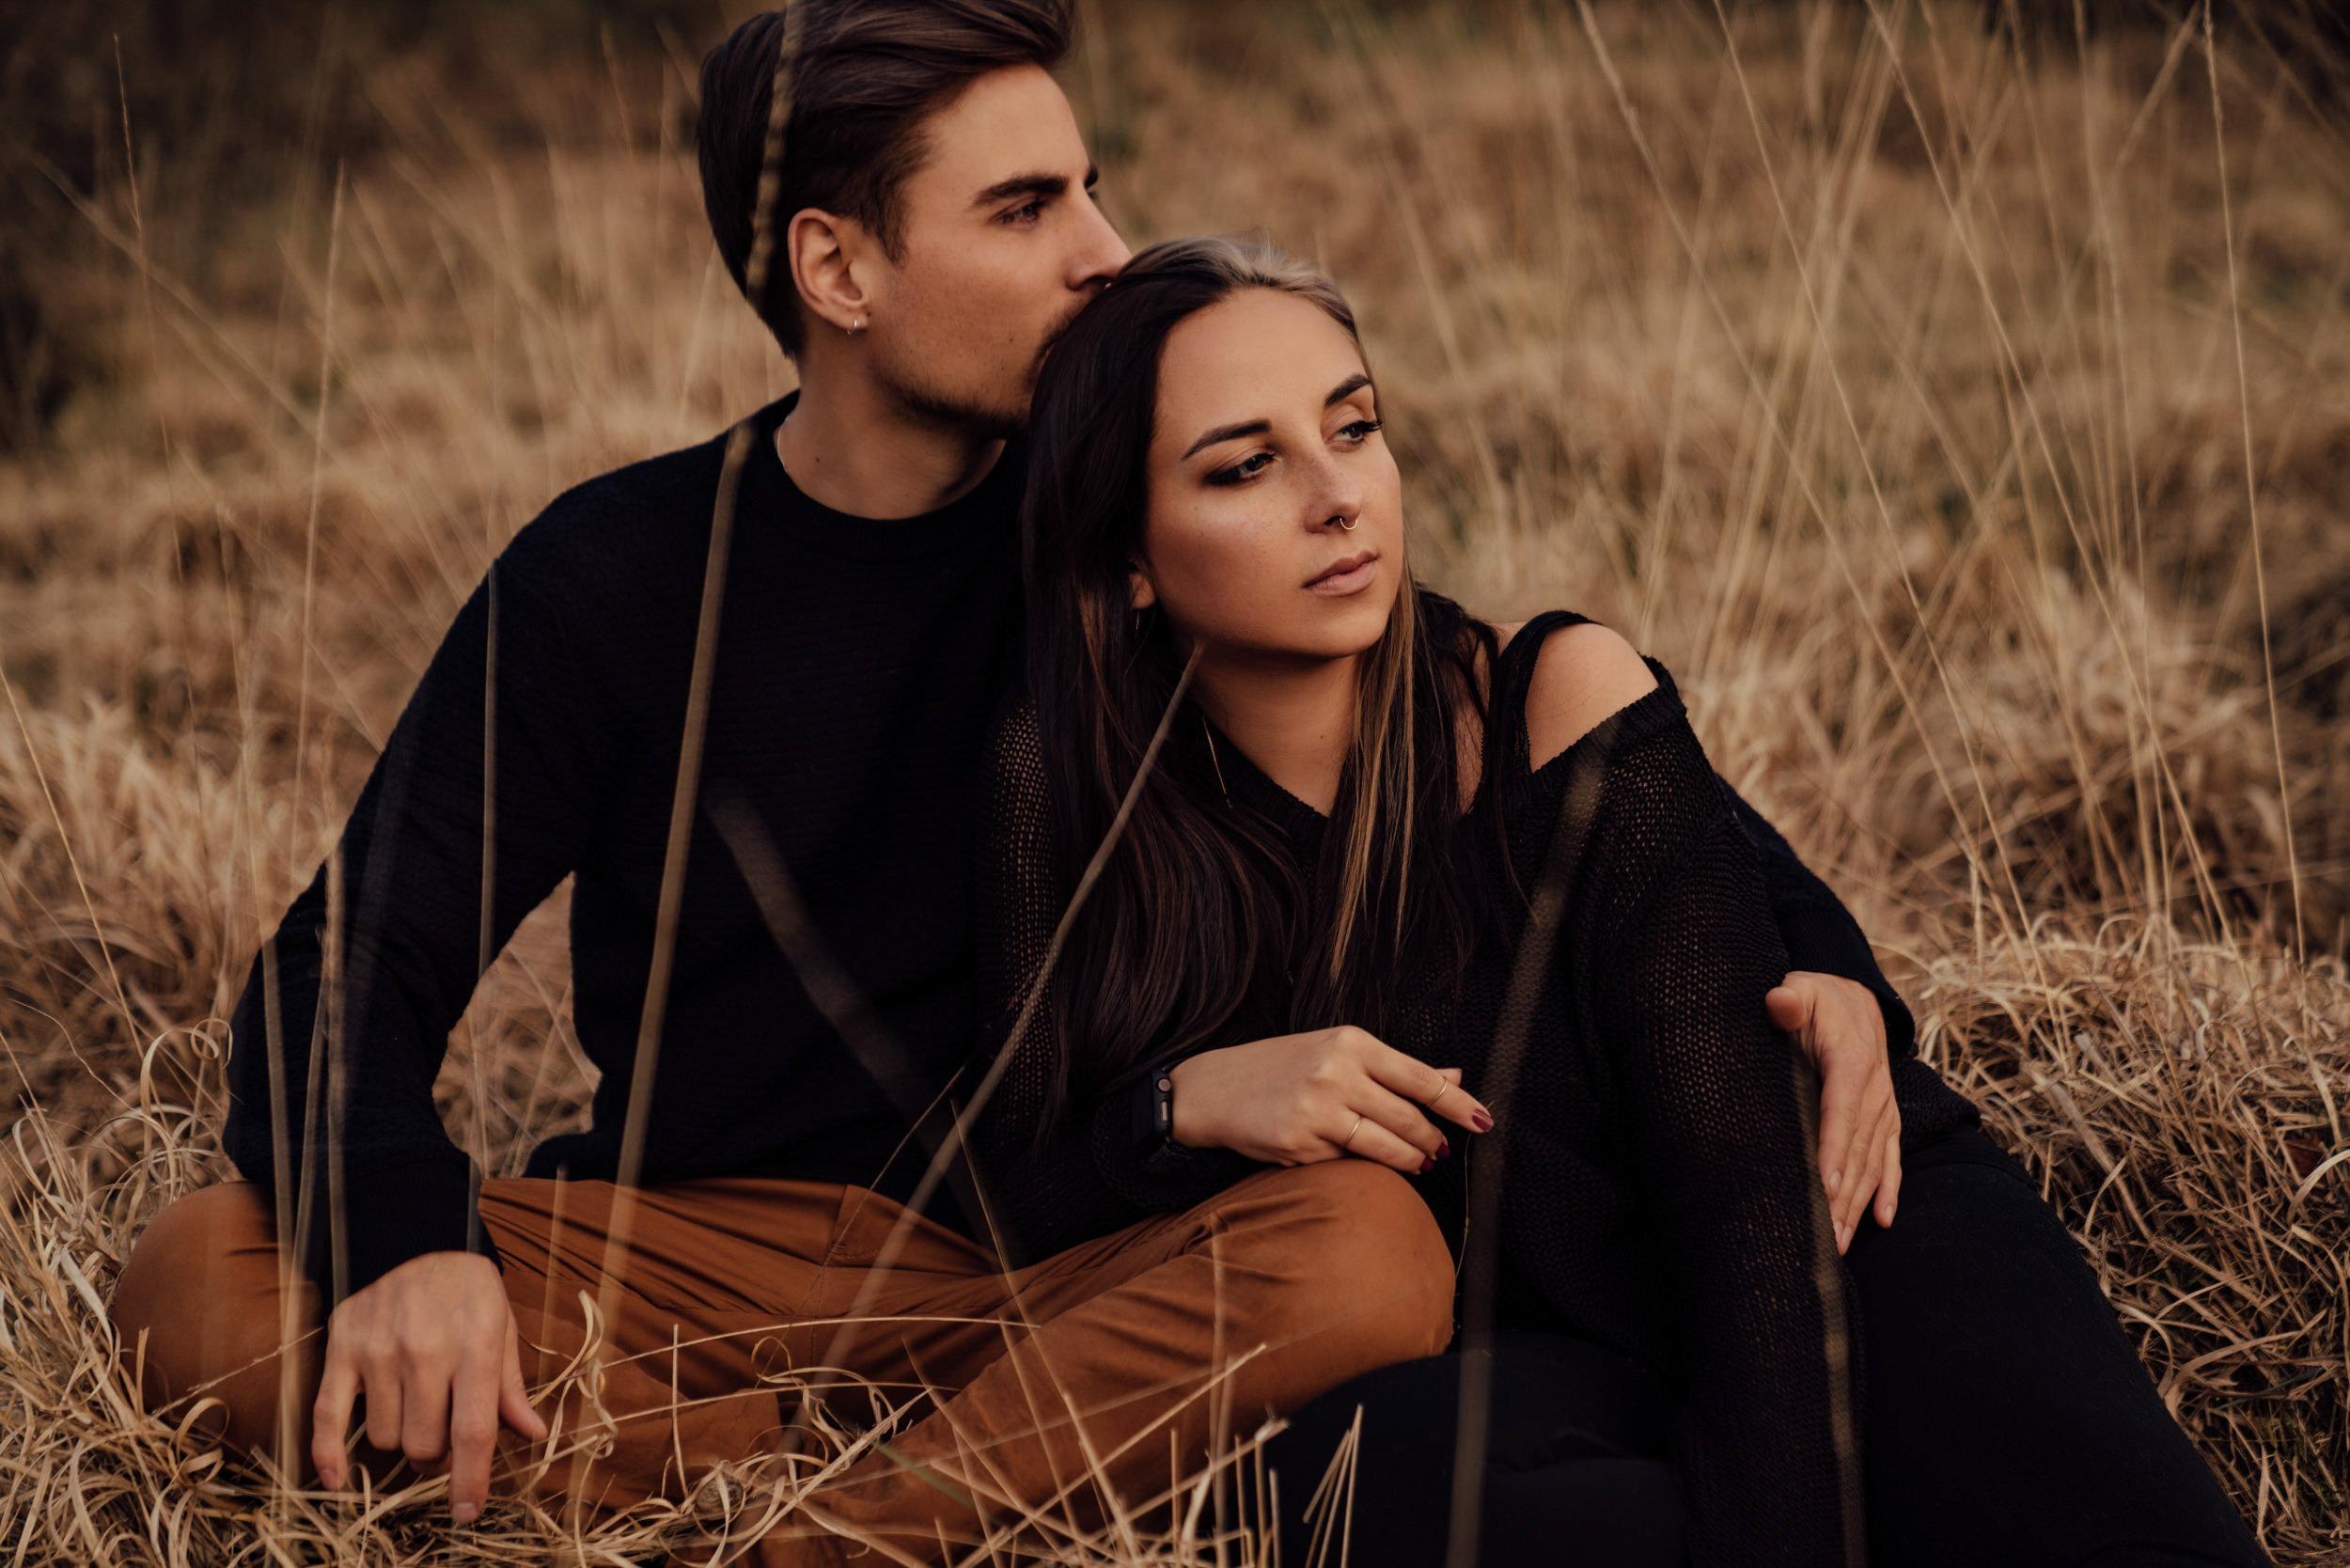 Pärchen sitzt aneinander gekuschelt in trockenem Gras und schaut gemeinsam in die Ferne. Portrait von zwei Fotografen.